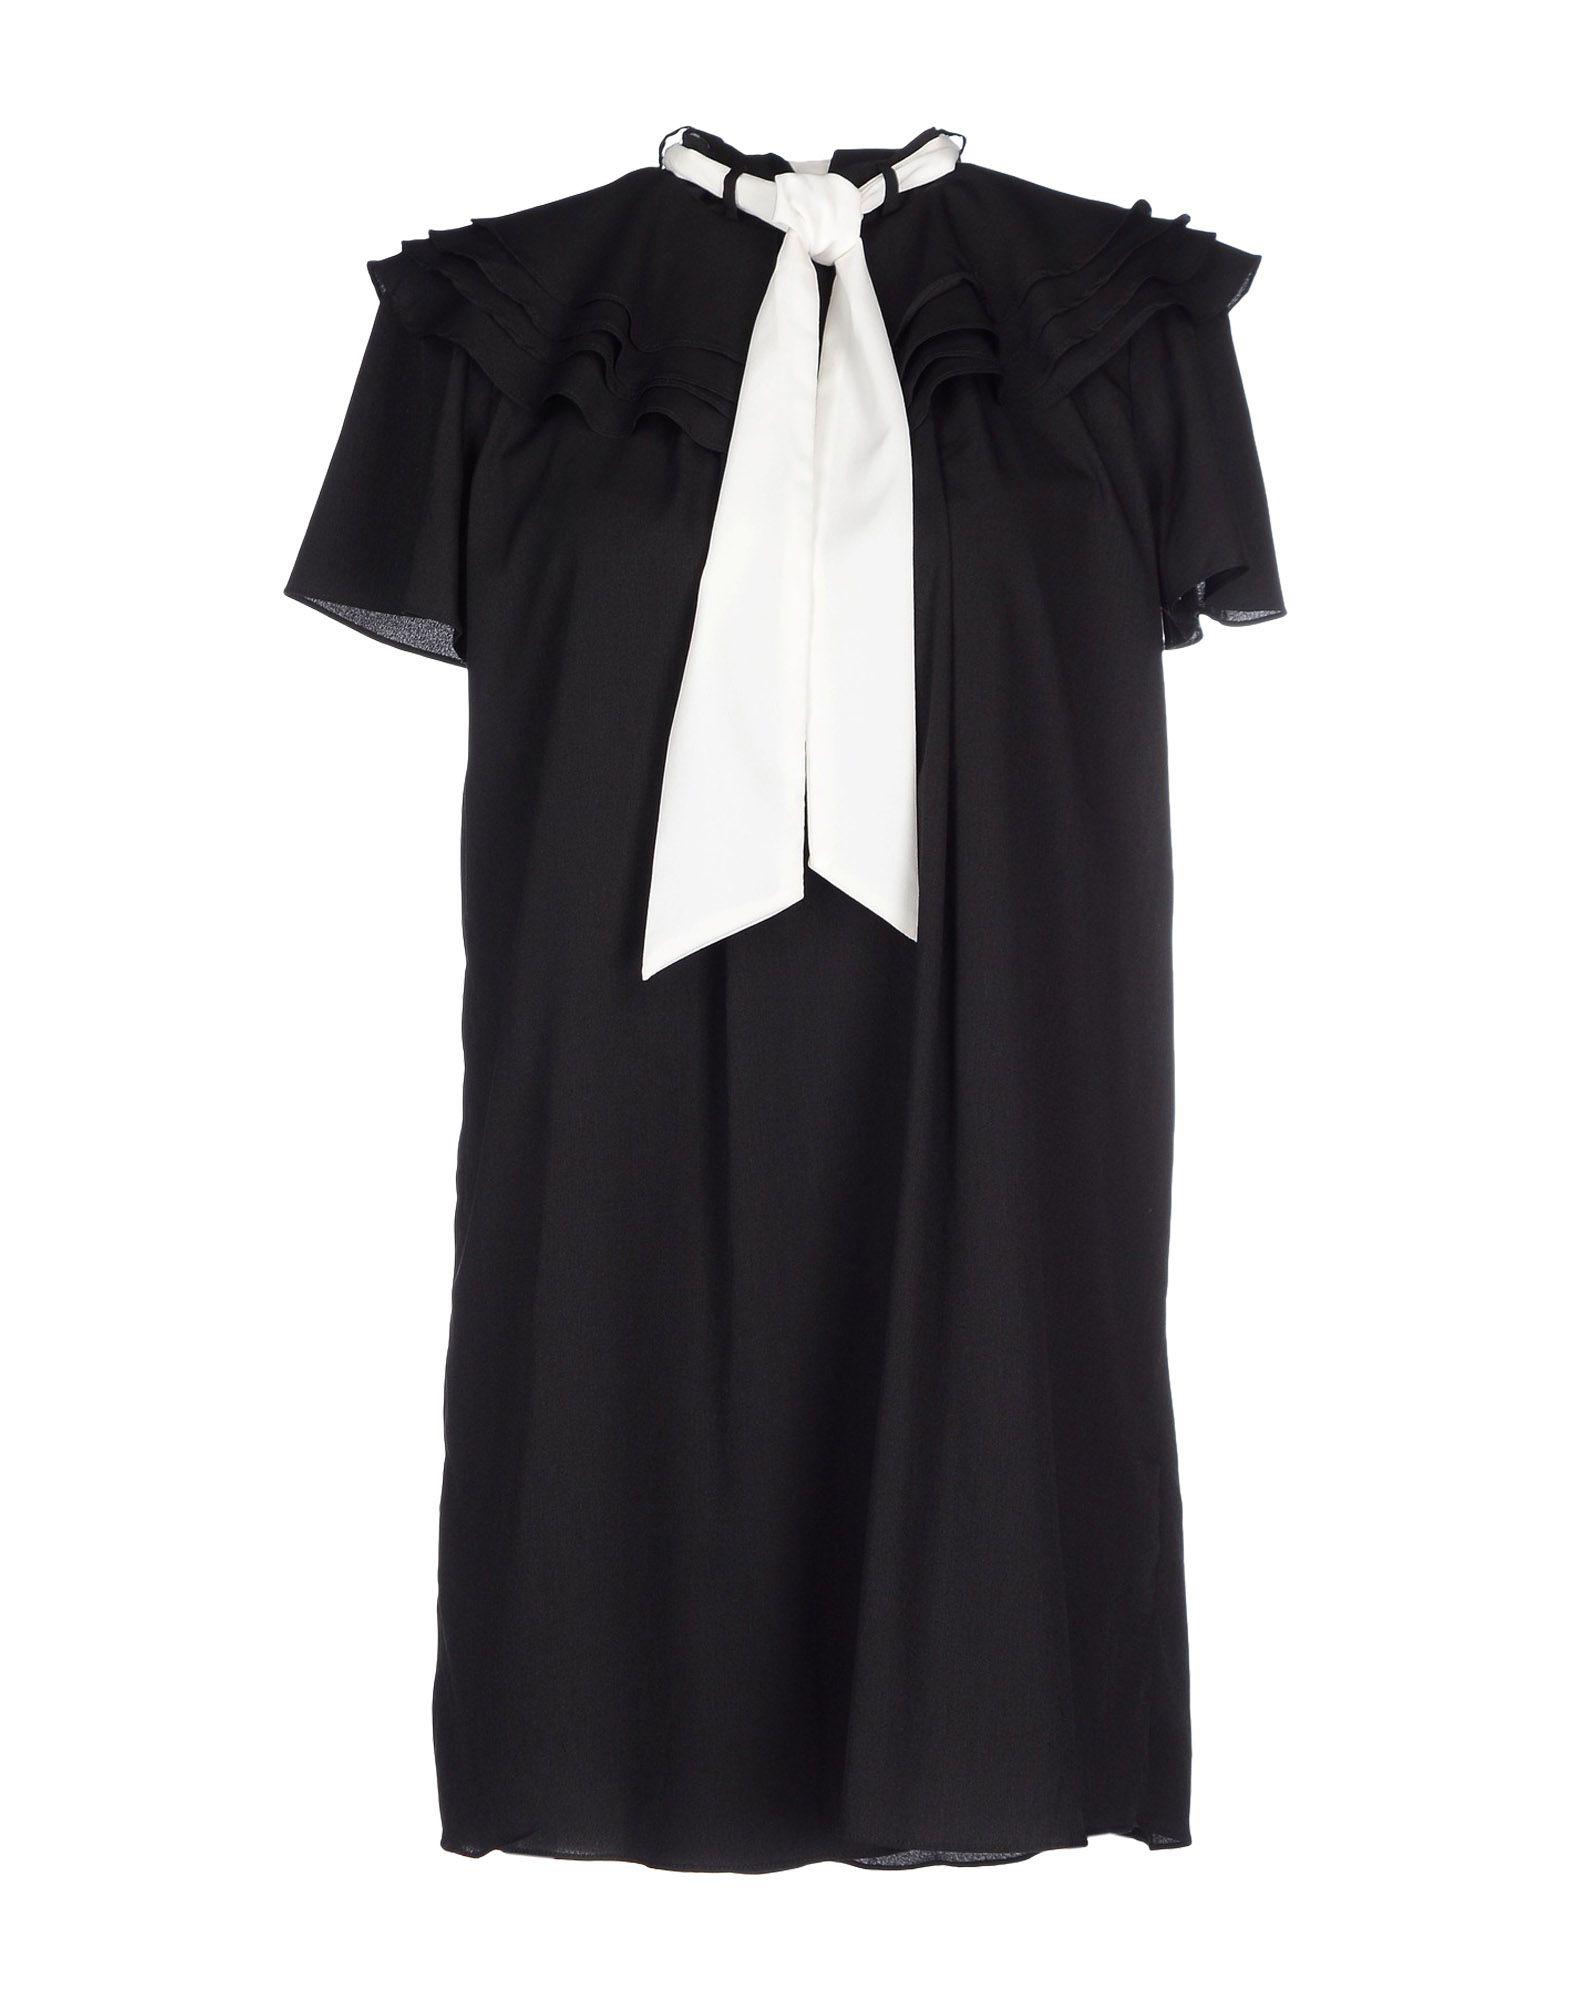 SISTER JANE Damen Kurzes Kleid Farbe Schwarz Größe 5